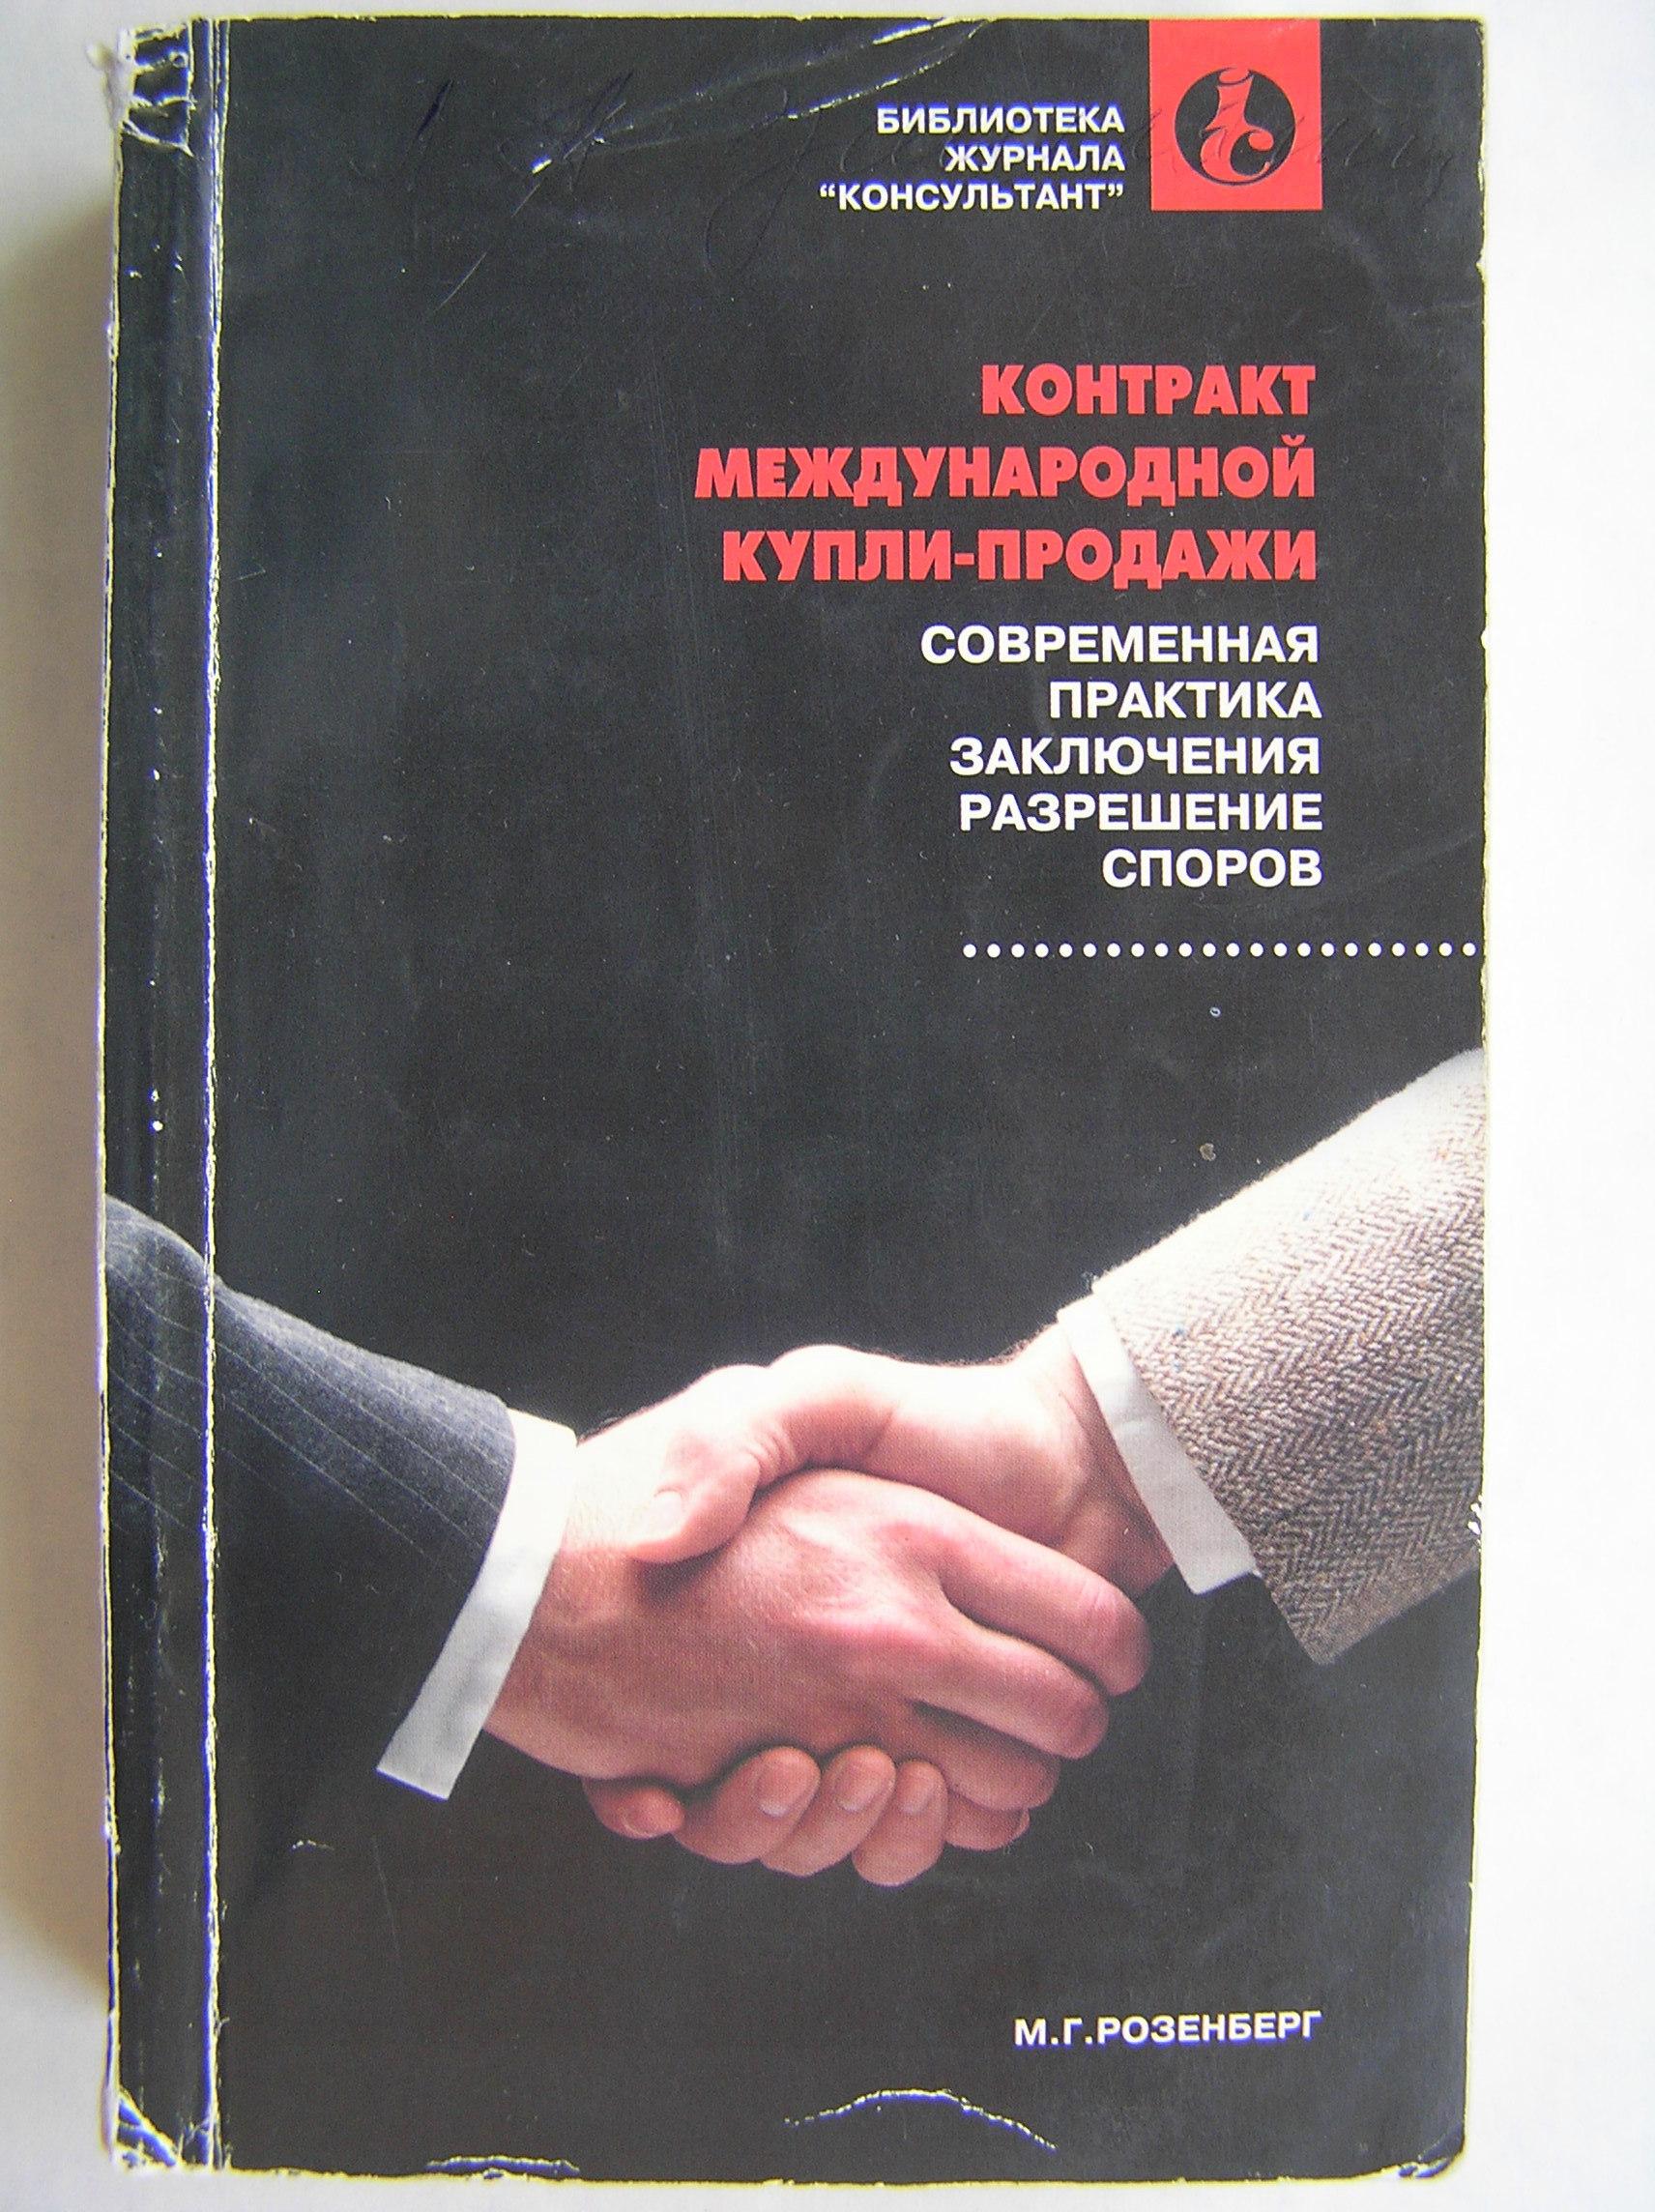 Розенберг М. Г. Контракт международной купли-продажи 11.JPG